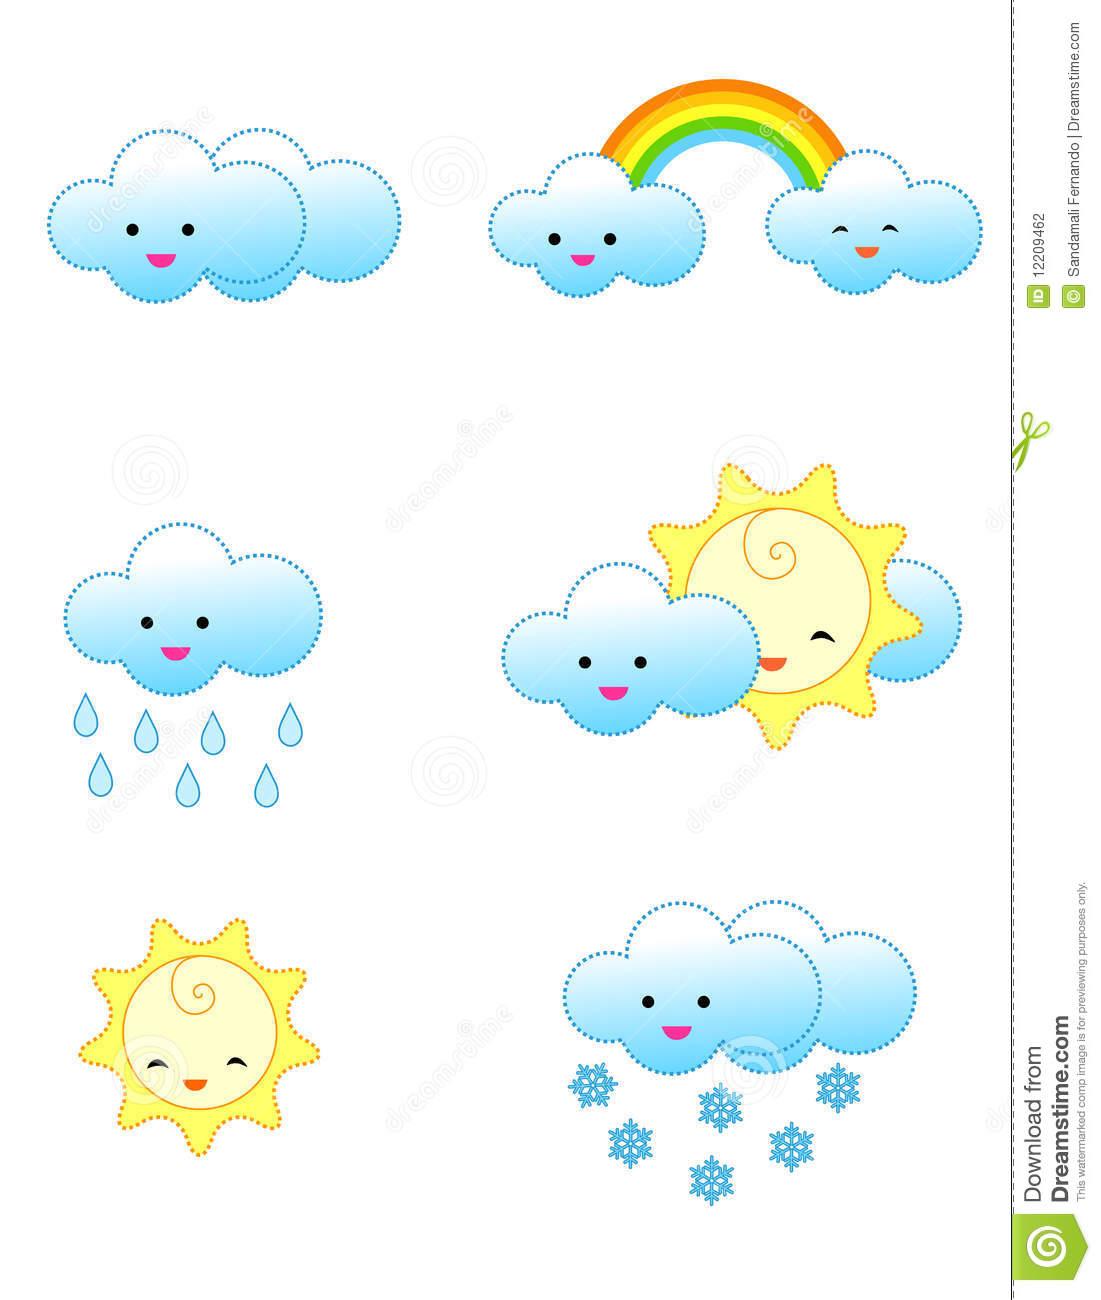 Snowy Clip Art Sunny Days – Cliparts